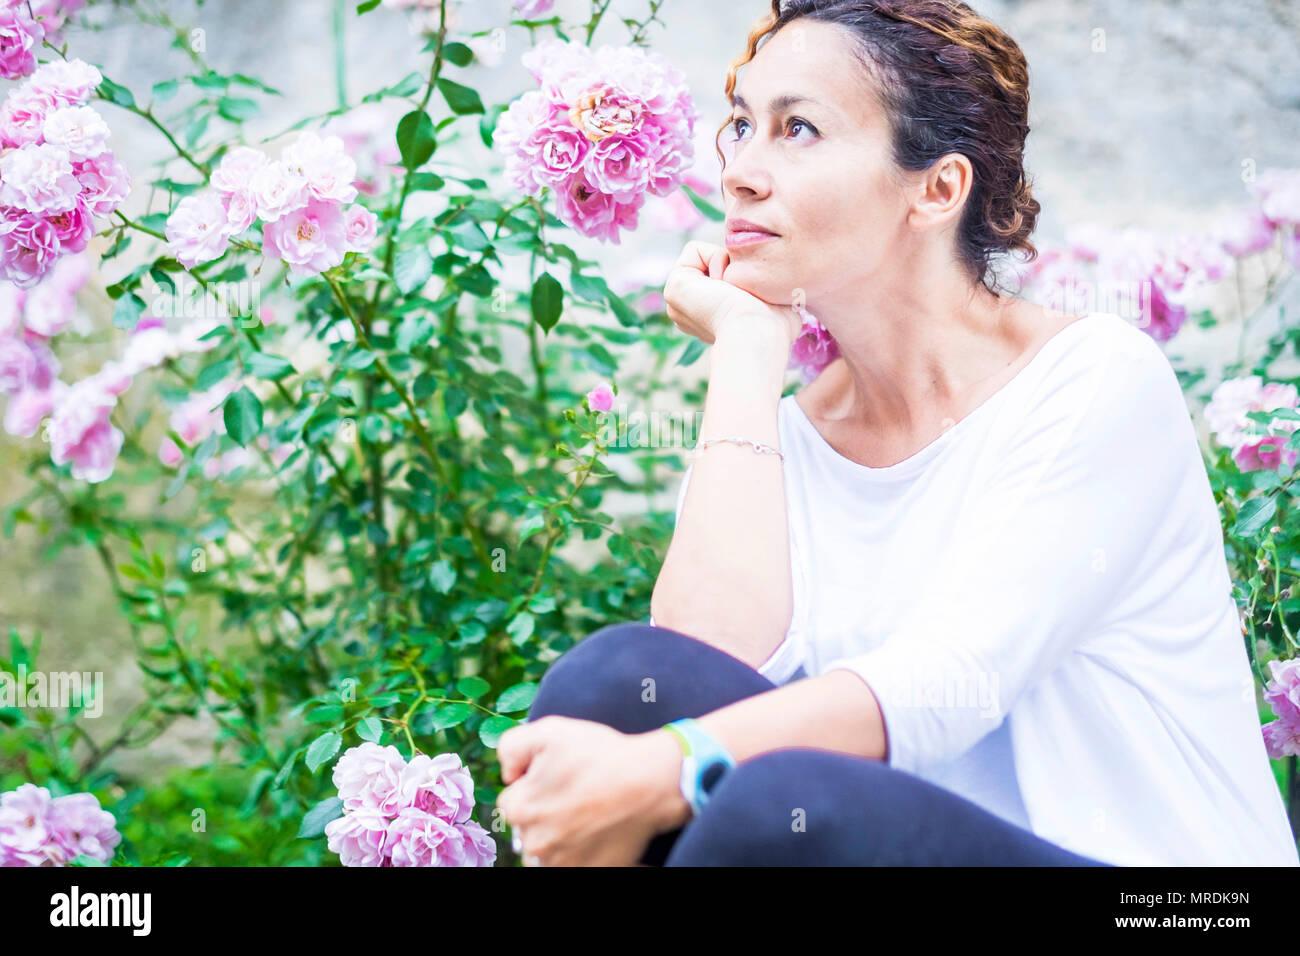 Belle wooman 40 ans regarde sa pensée latérale heureux. Fond de fleurs roses. Couleurs Nature plein air. Banque D'Images